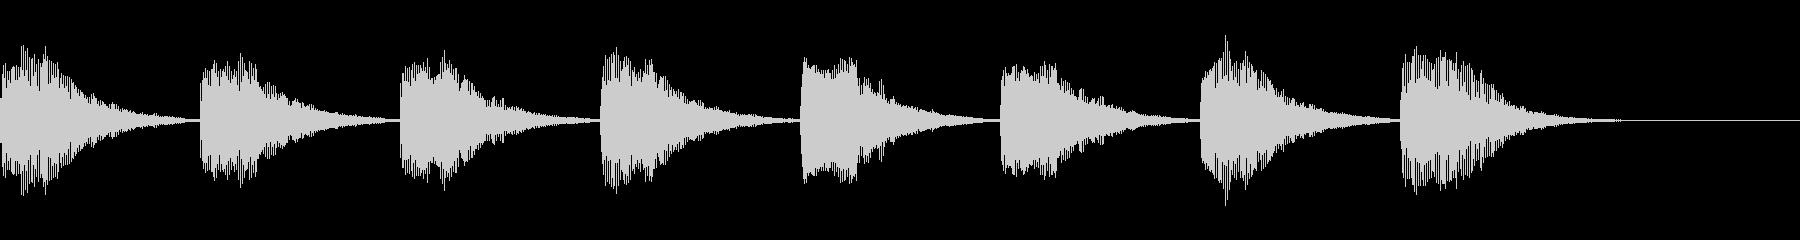 特撮やアニメの警戒音の未再生の波形